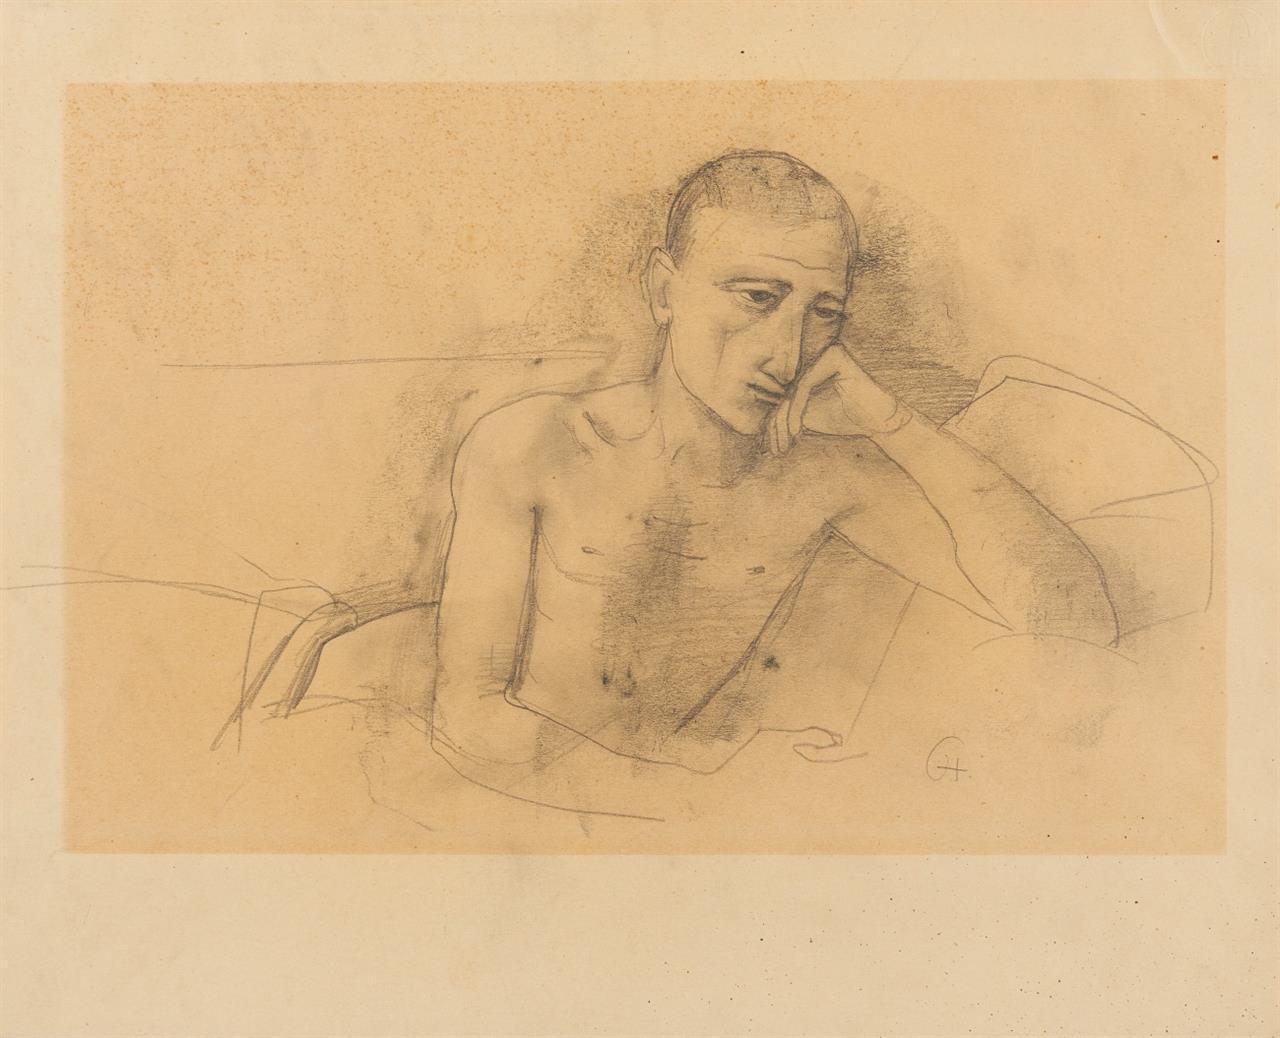 Karl Hofer. Ohne Titel (Liegender Jüngling mit aufgestütztem Arm). Bleistift. Monogrammiert.